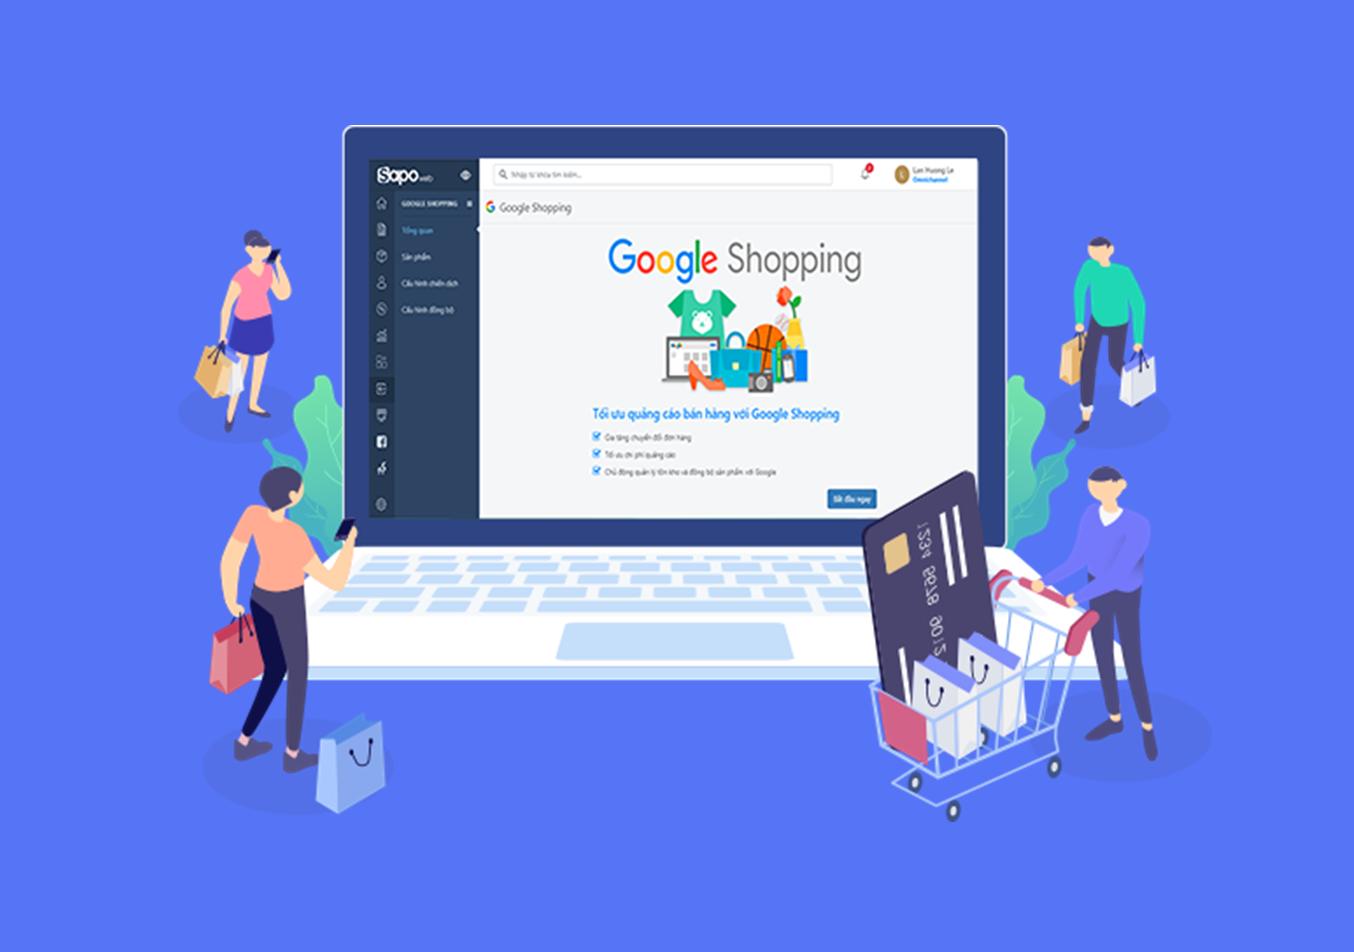 Các yếu tố giúp chạy quảng cáo Google Shopping hiệu quả